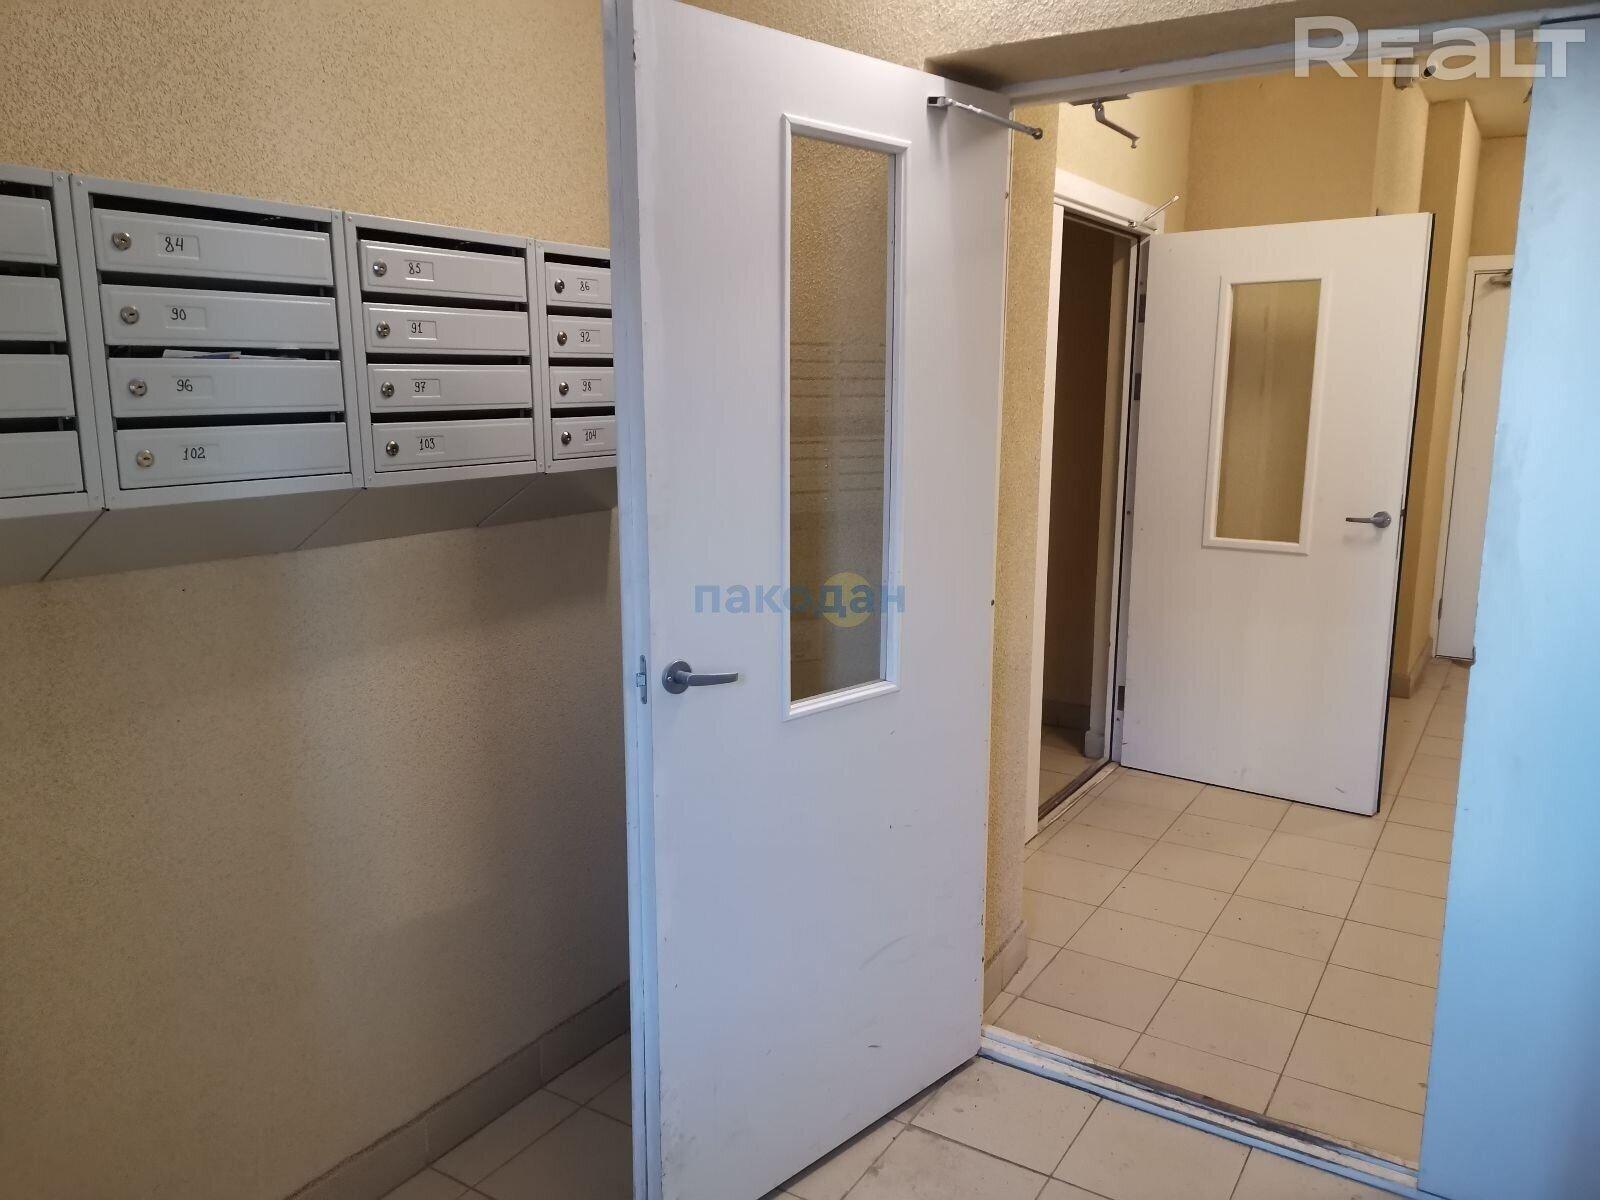 Продается 2-х комнатная квартира, пер. Железнодорожный 3-й д.10 - фото №4